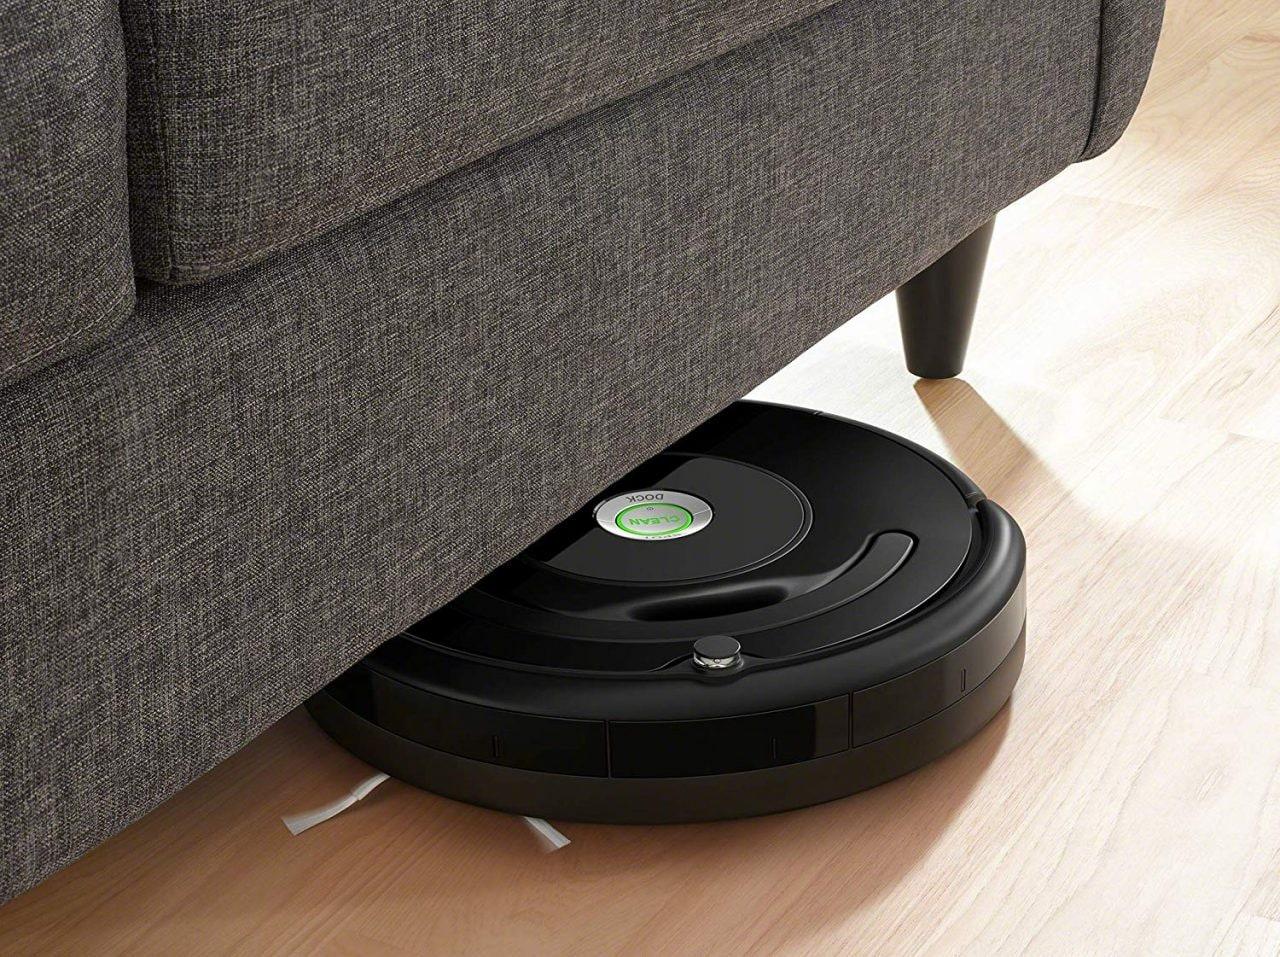 Offerta lampo per Roomba 671, un buon robot aspirapolvere a 244€ per poche ore